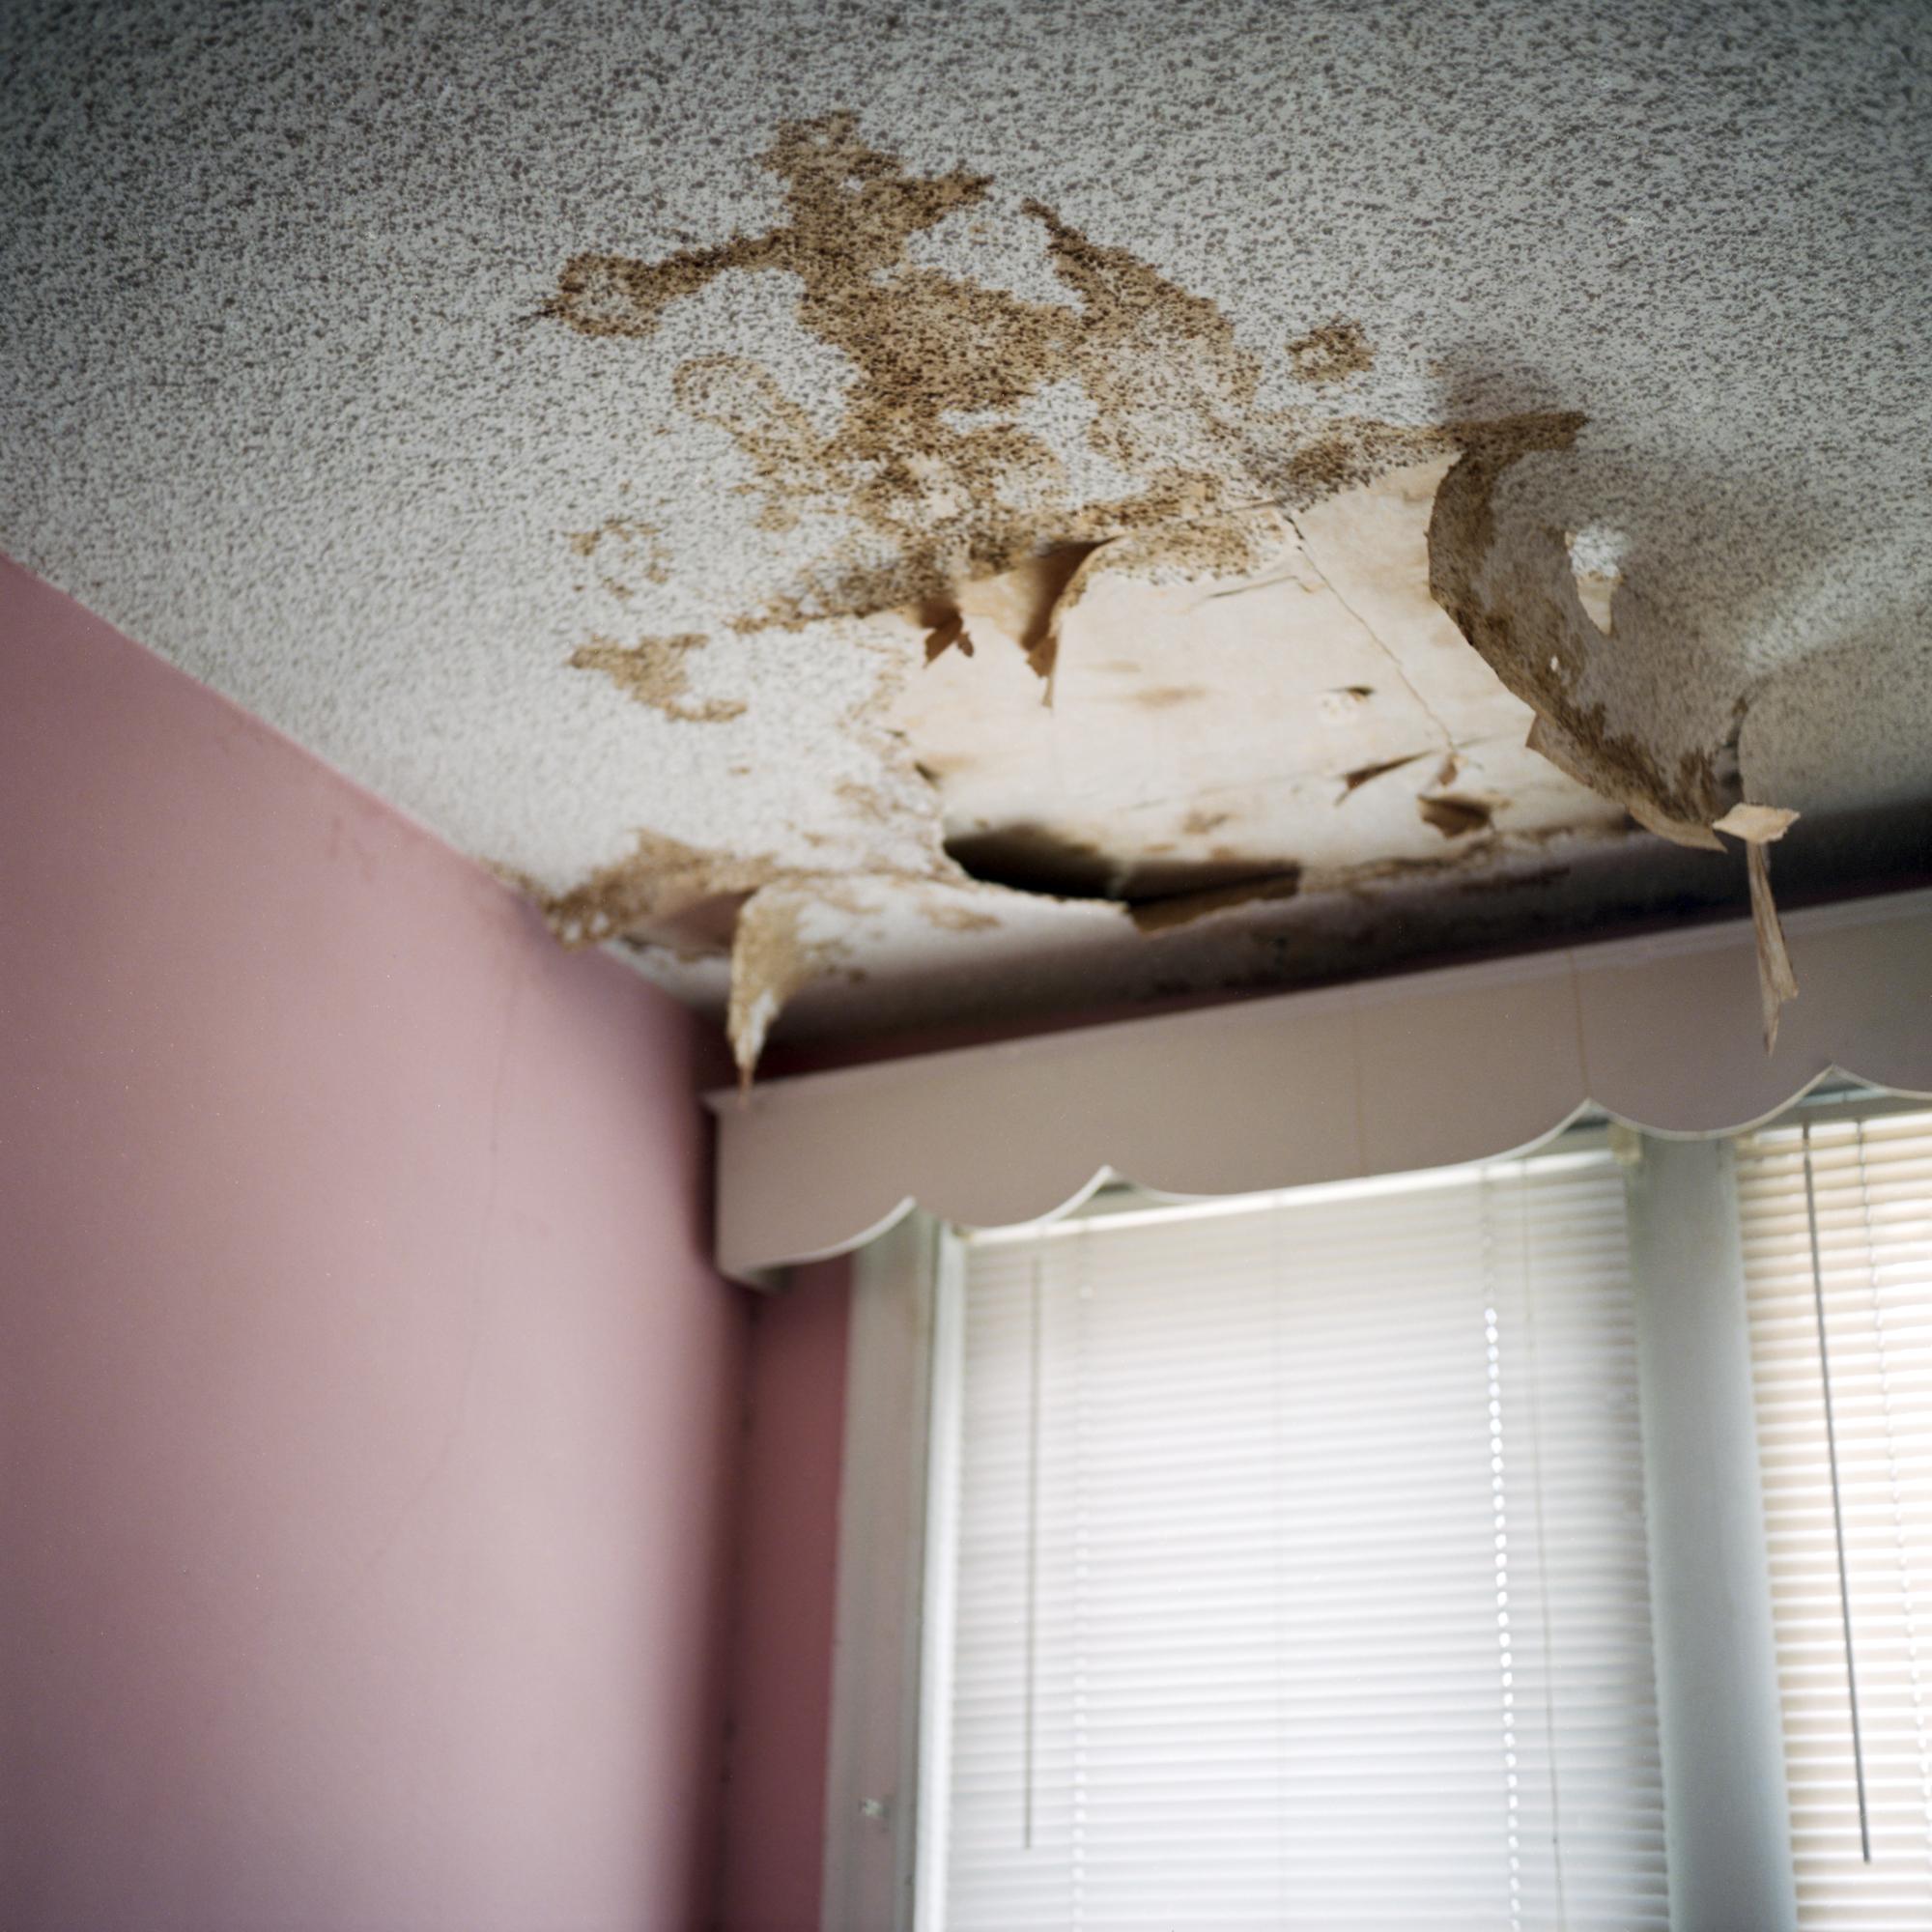 Peeling ceiling in pink room